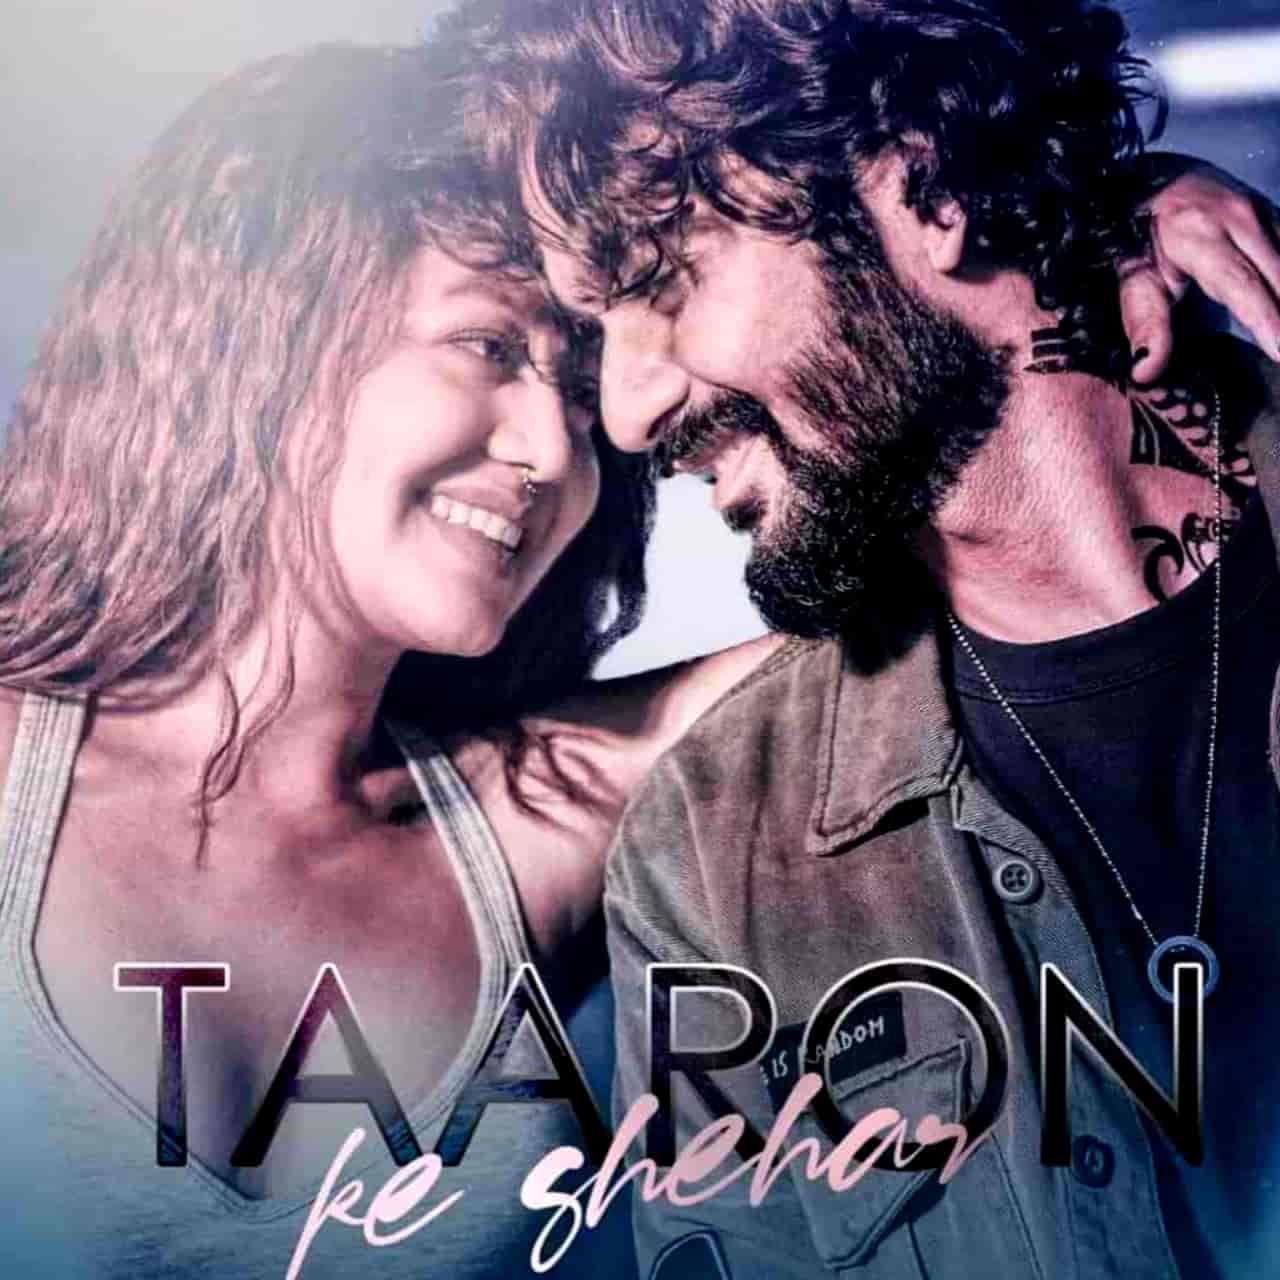 TAARON KE SHEHER Love Lyrics, Sung By Jubin Nautiyal And Neha Kakkar.